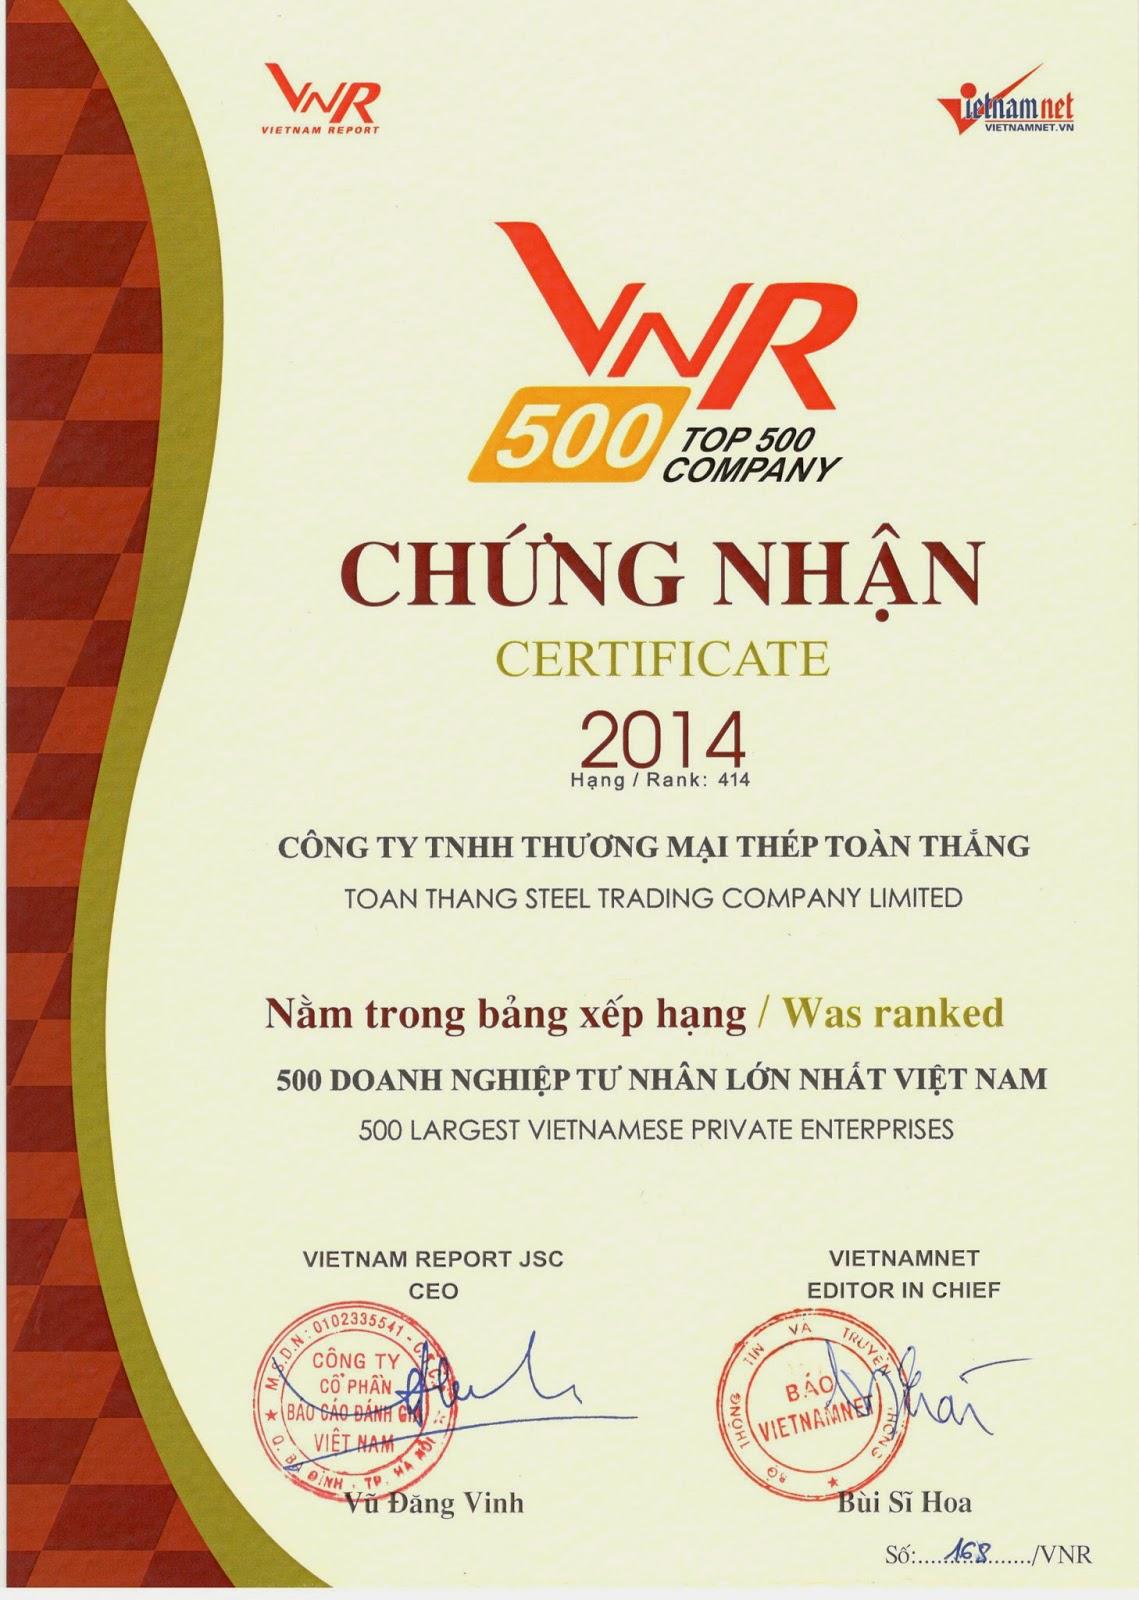 Thép Toàn Thắng hạng 414 trên BXH 500 DNTN lớn nhất Việt Nam - VNR500 2014